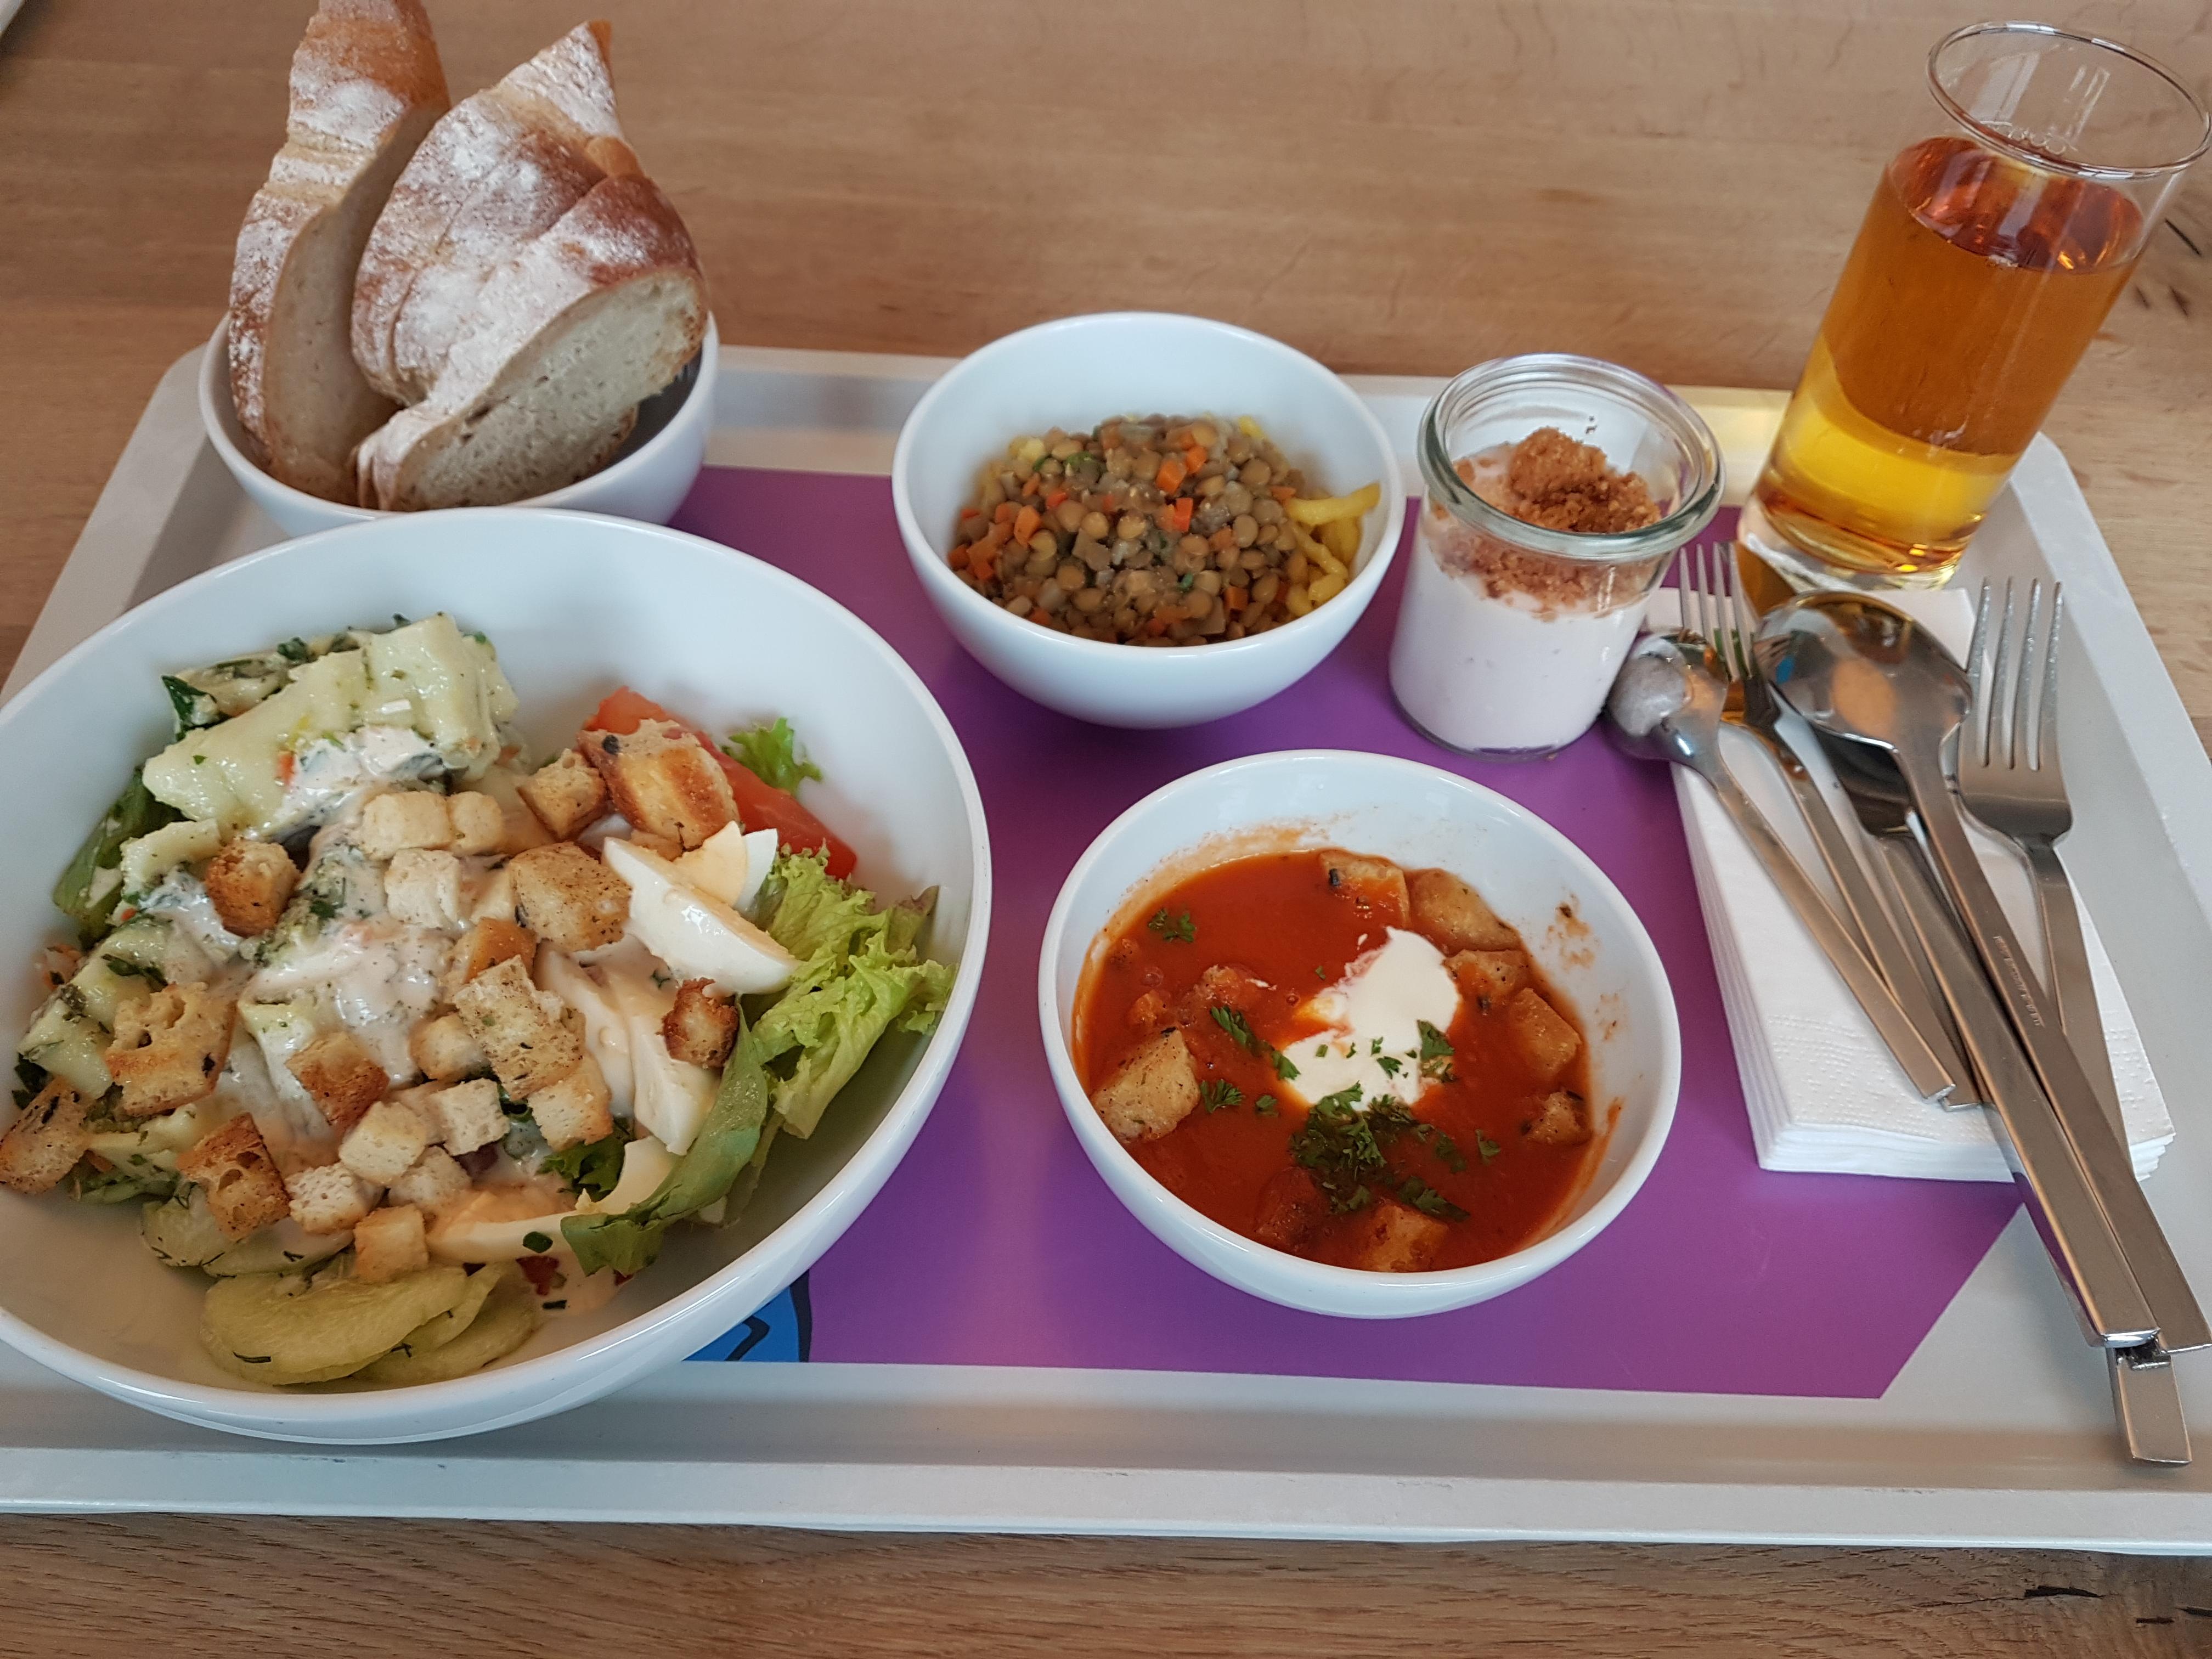 http://foodloader.net/Holz_2017-10-10_Mix.jpg